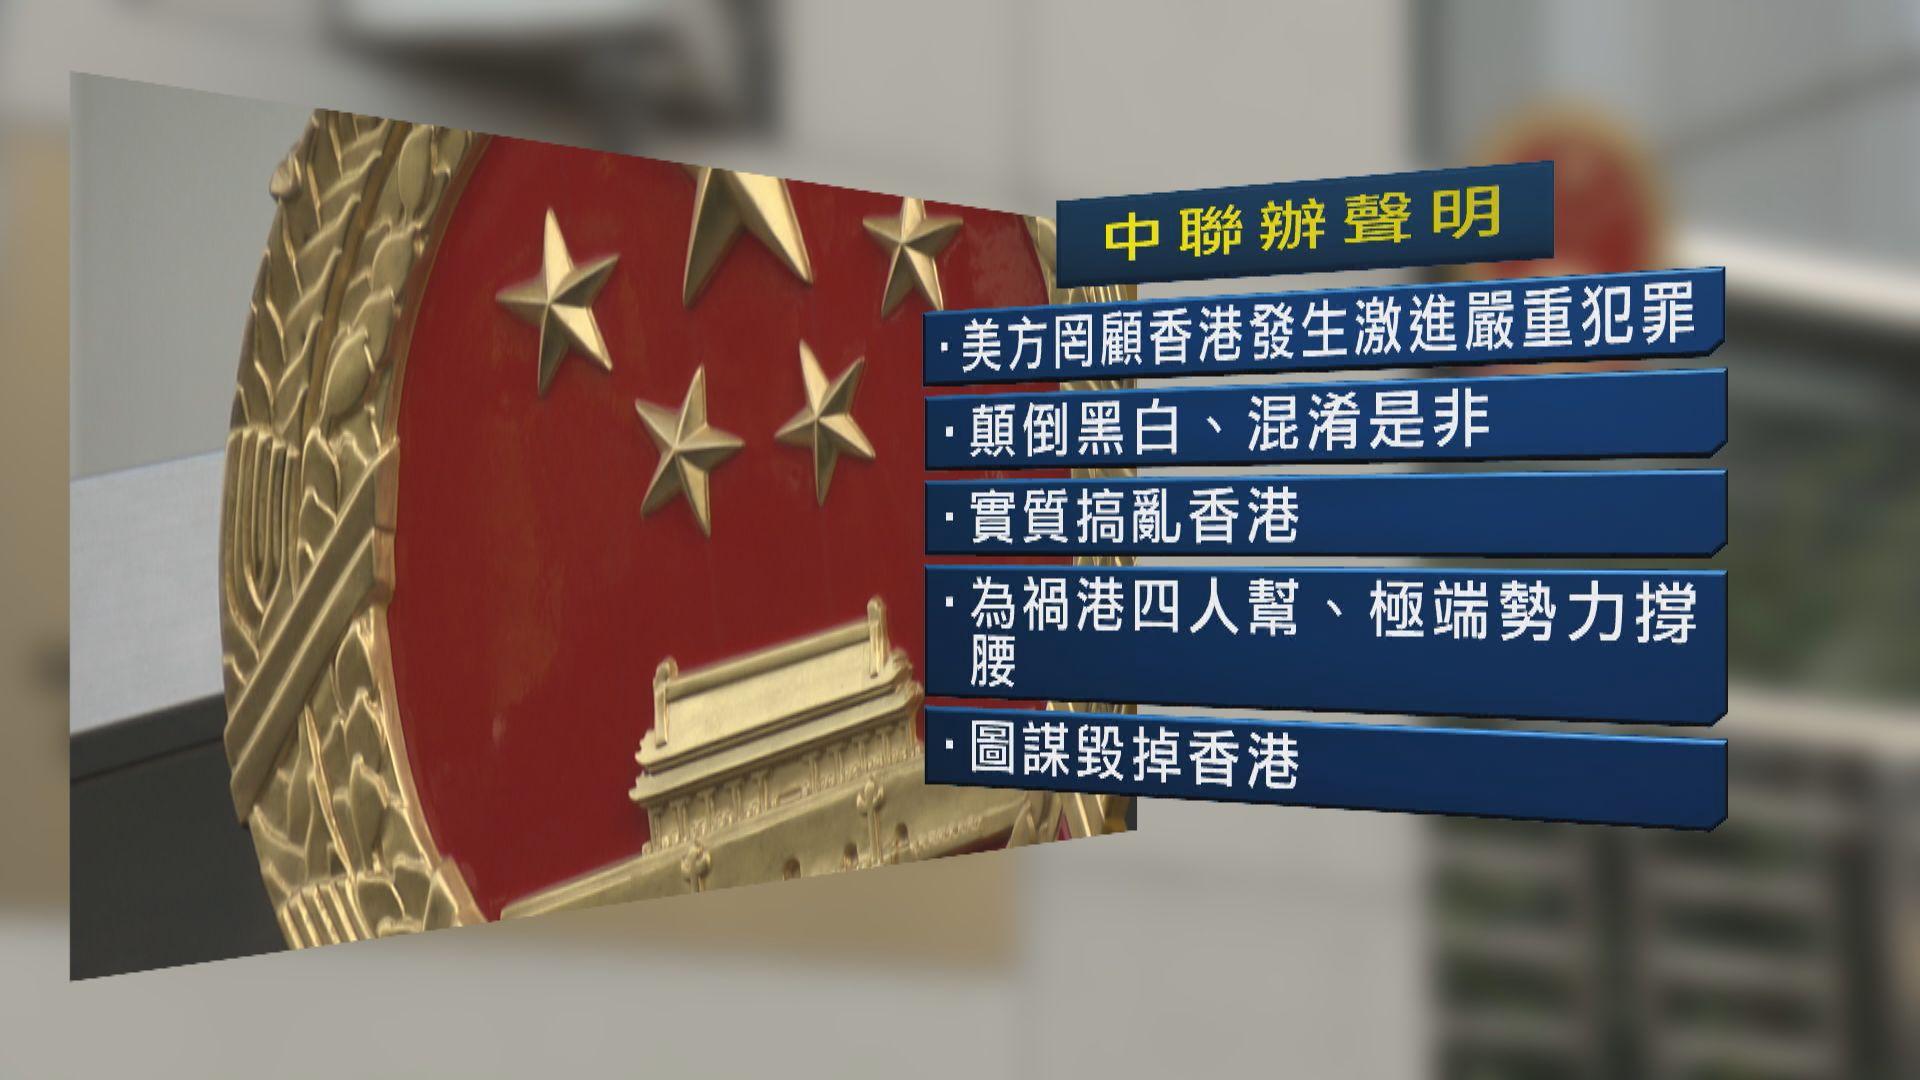 中聯辦對美簽署法案表示極憤慨及最強烈譴責